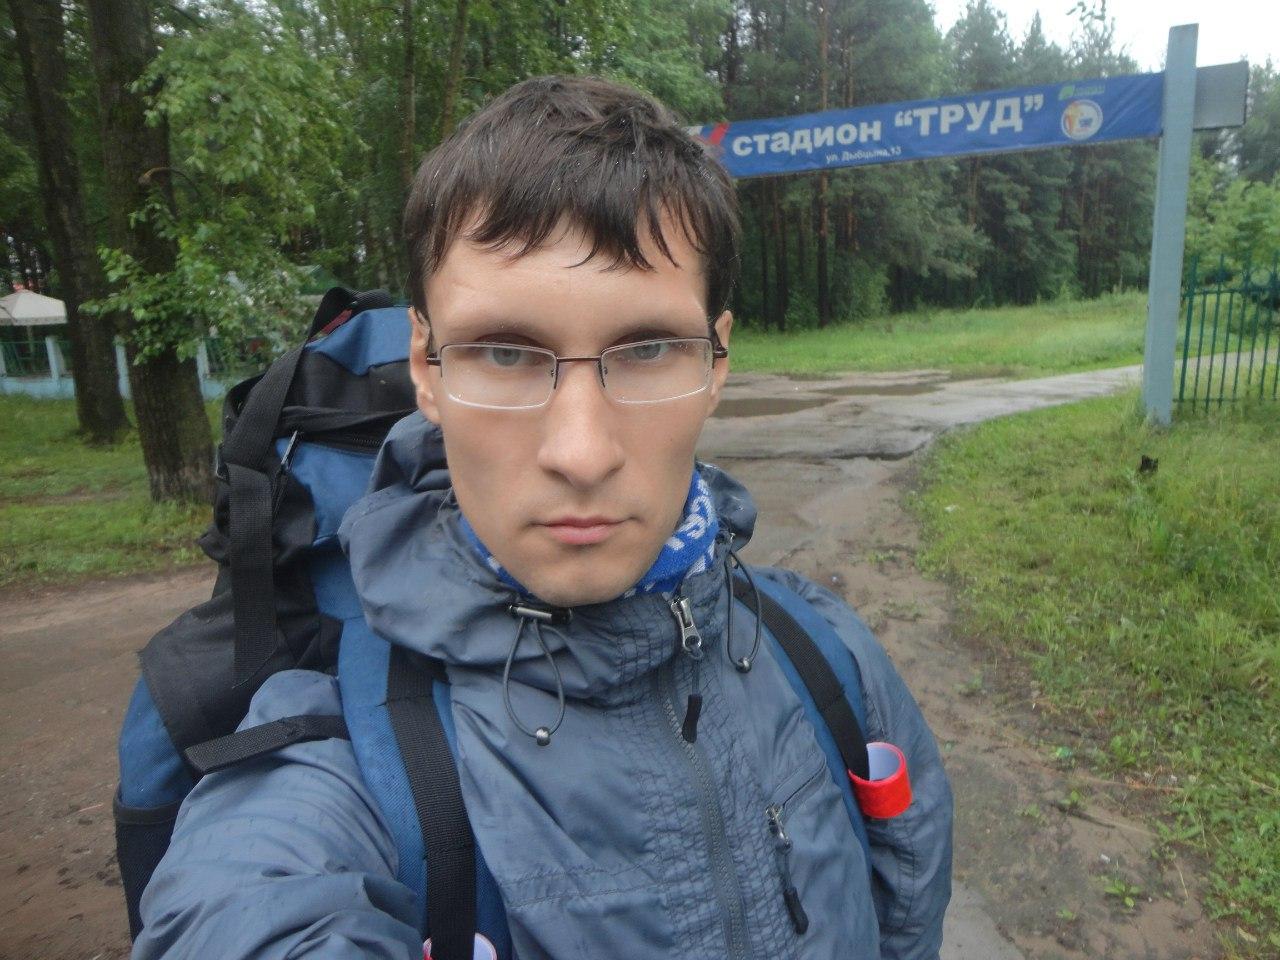 http://s4.uploads.ru/r34qU.jpg